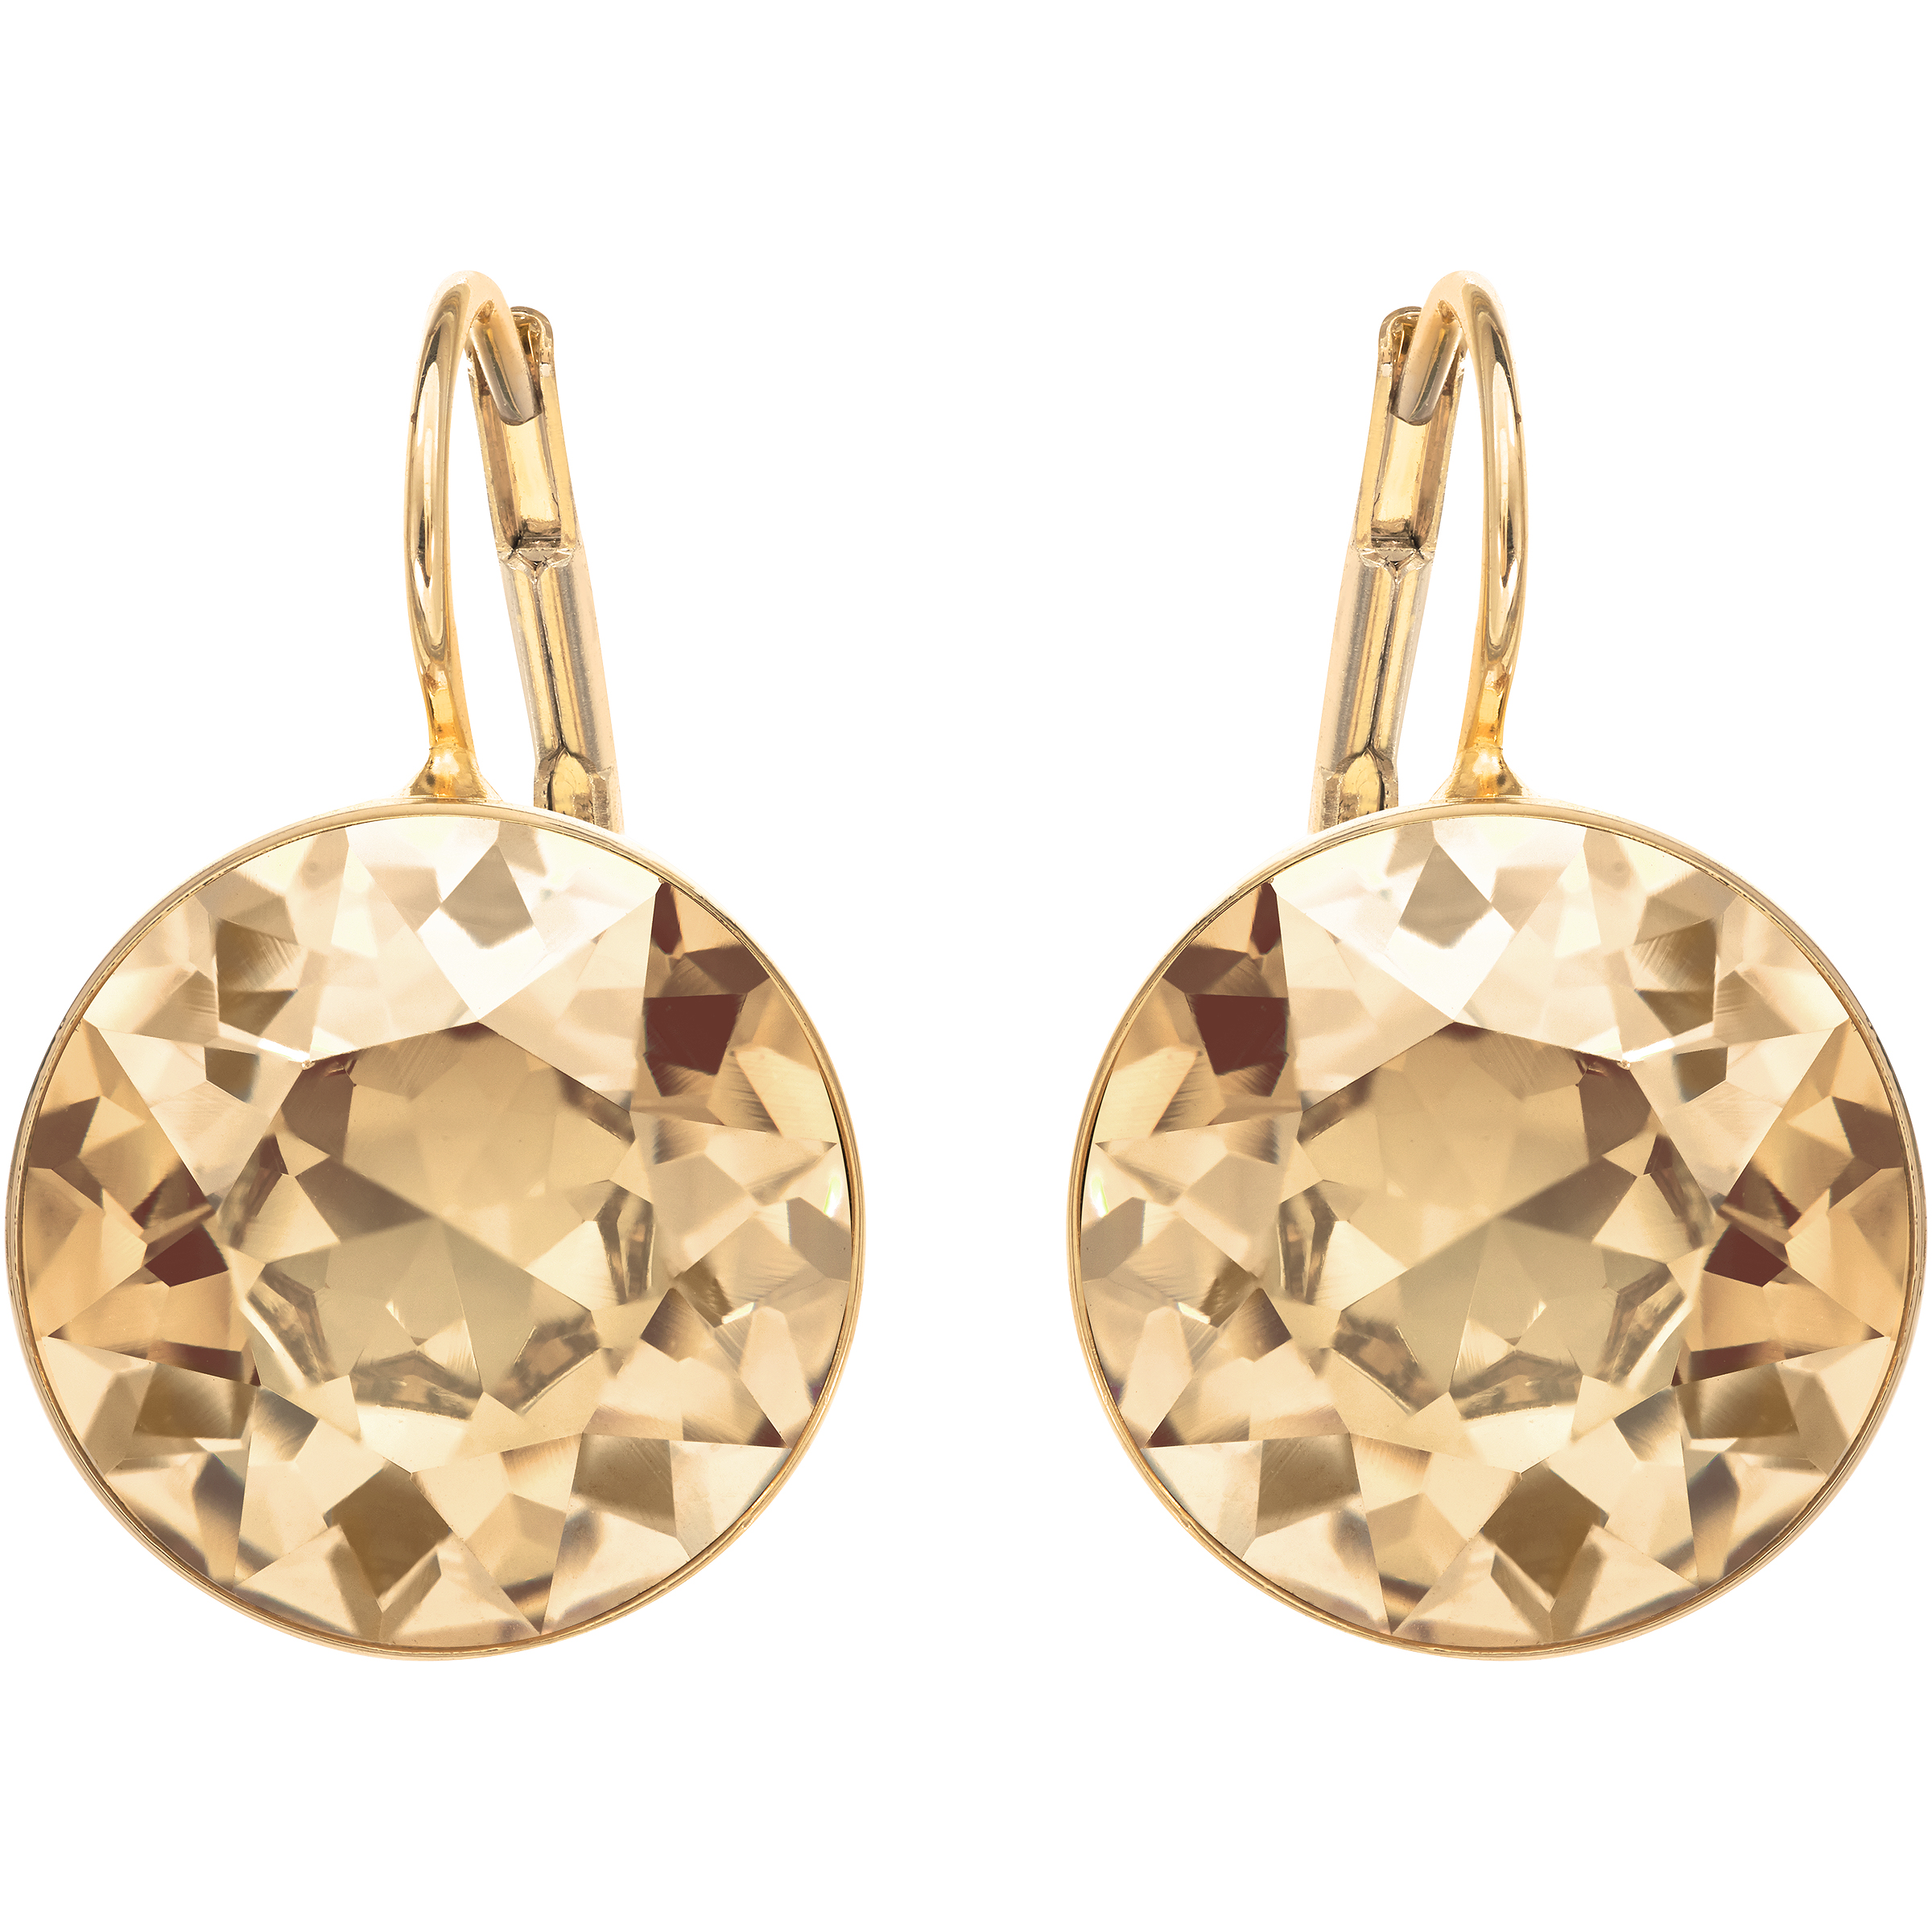 Boucles d'oreilles Swarovski Bella, Doré, métal doré